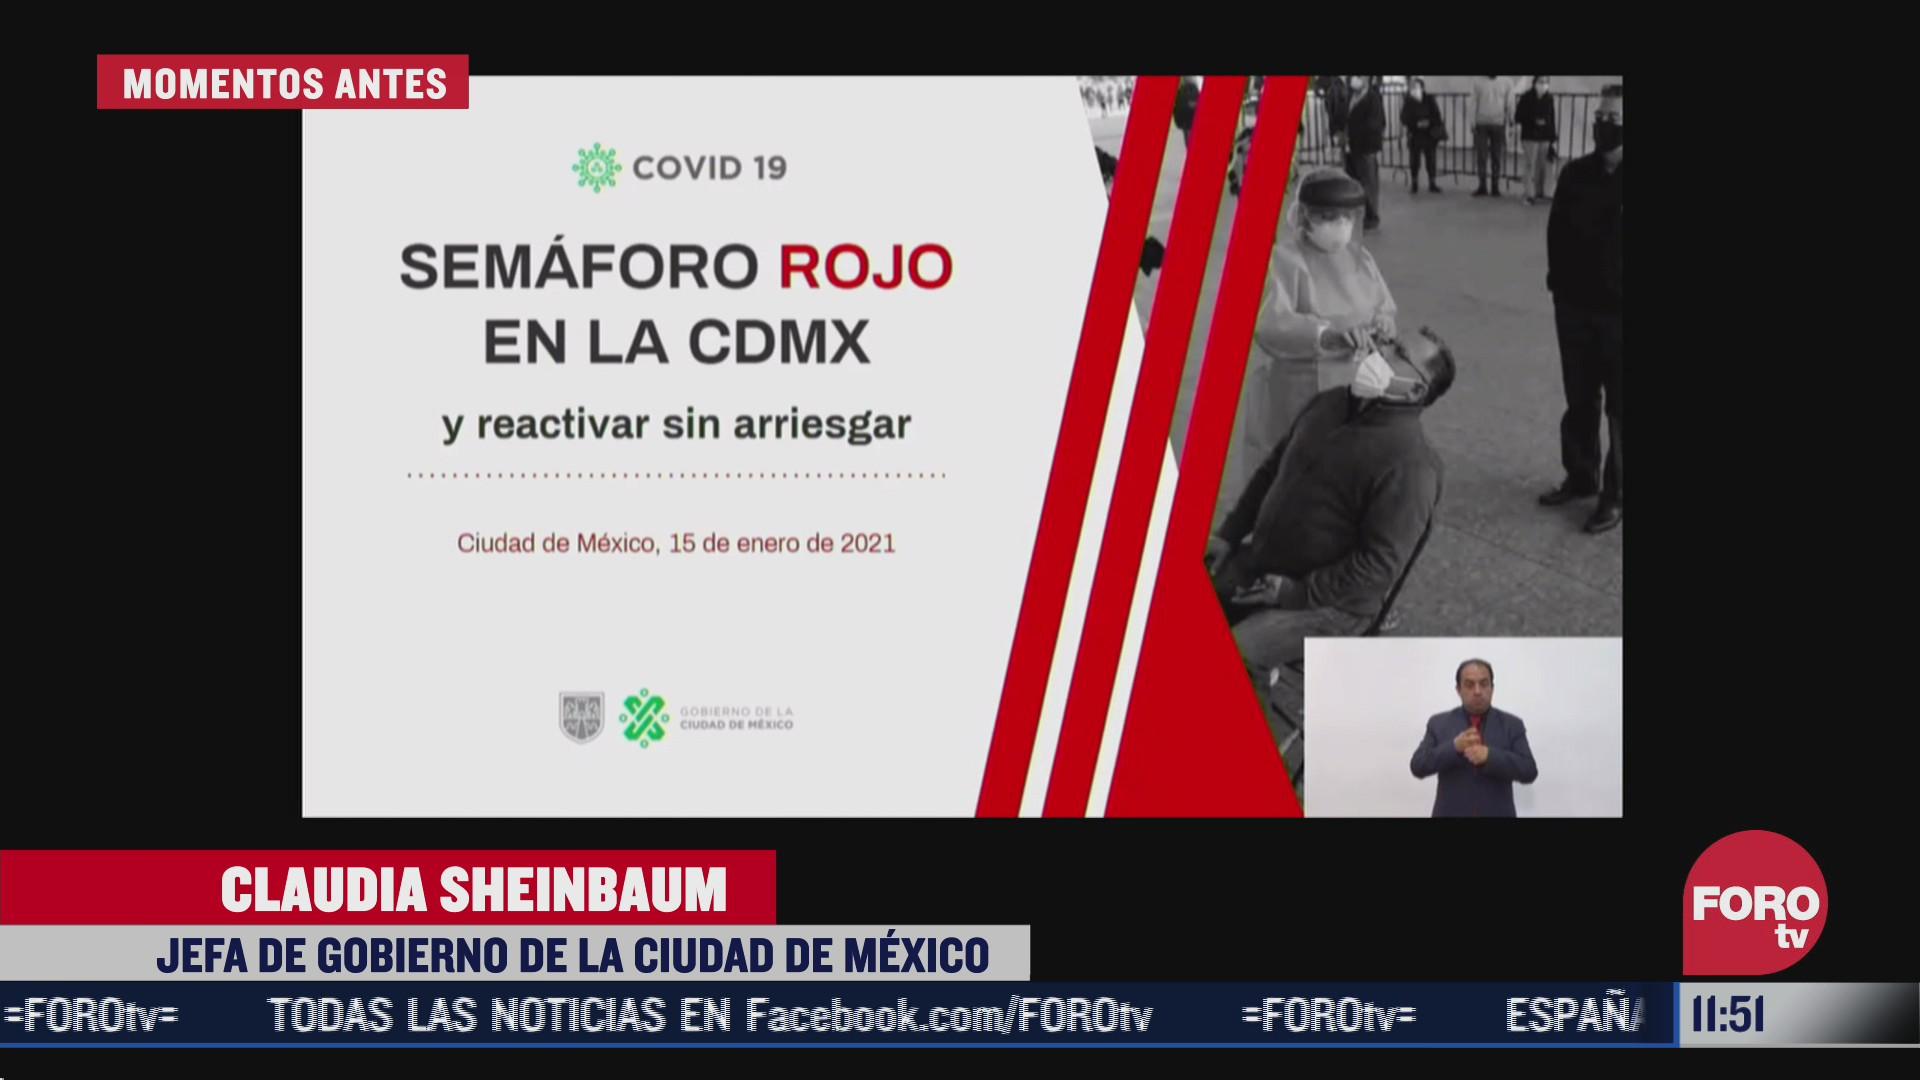 cdmx se mantiene en semaforo rojo por covid